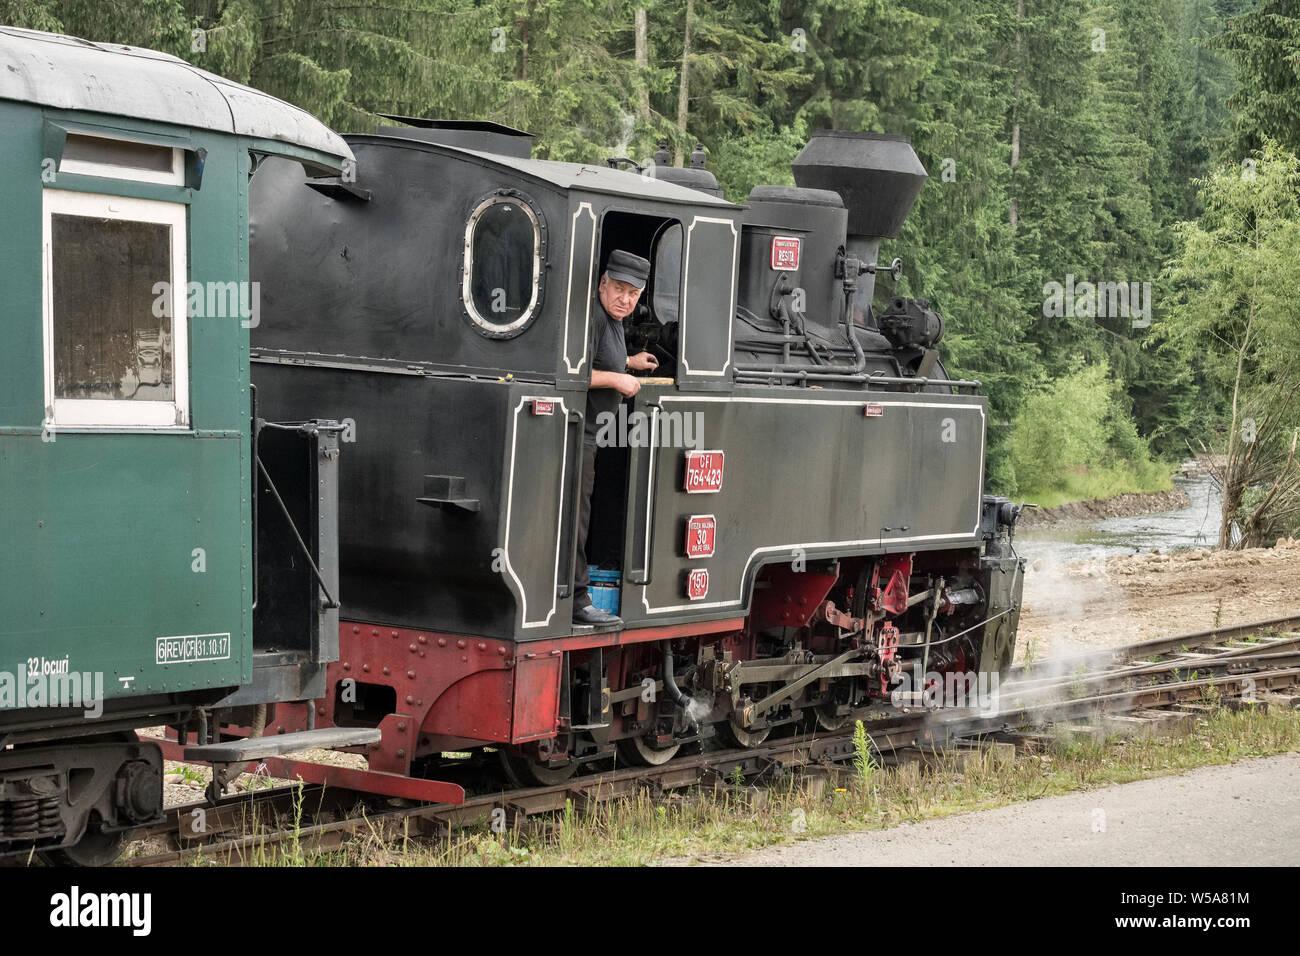 Narrow Gauge Train Stock Photos & Narrow Gauge Train Stock